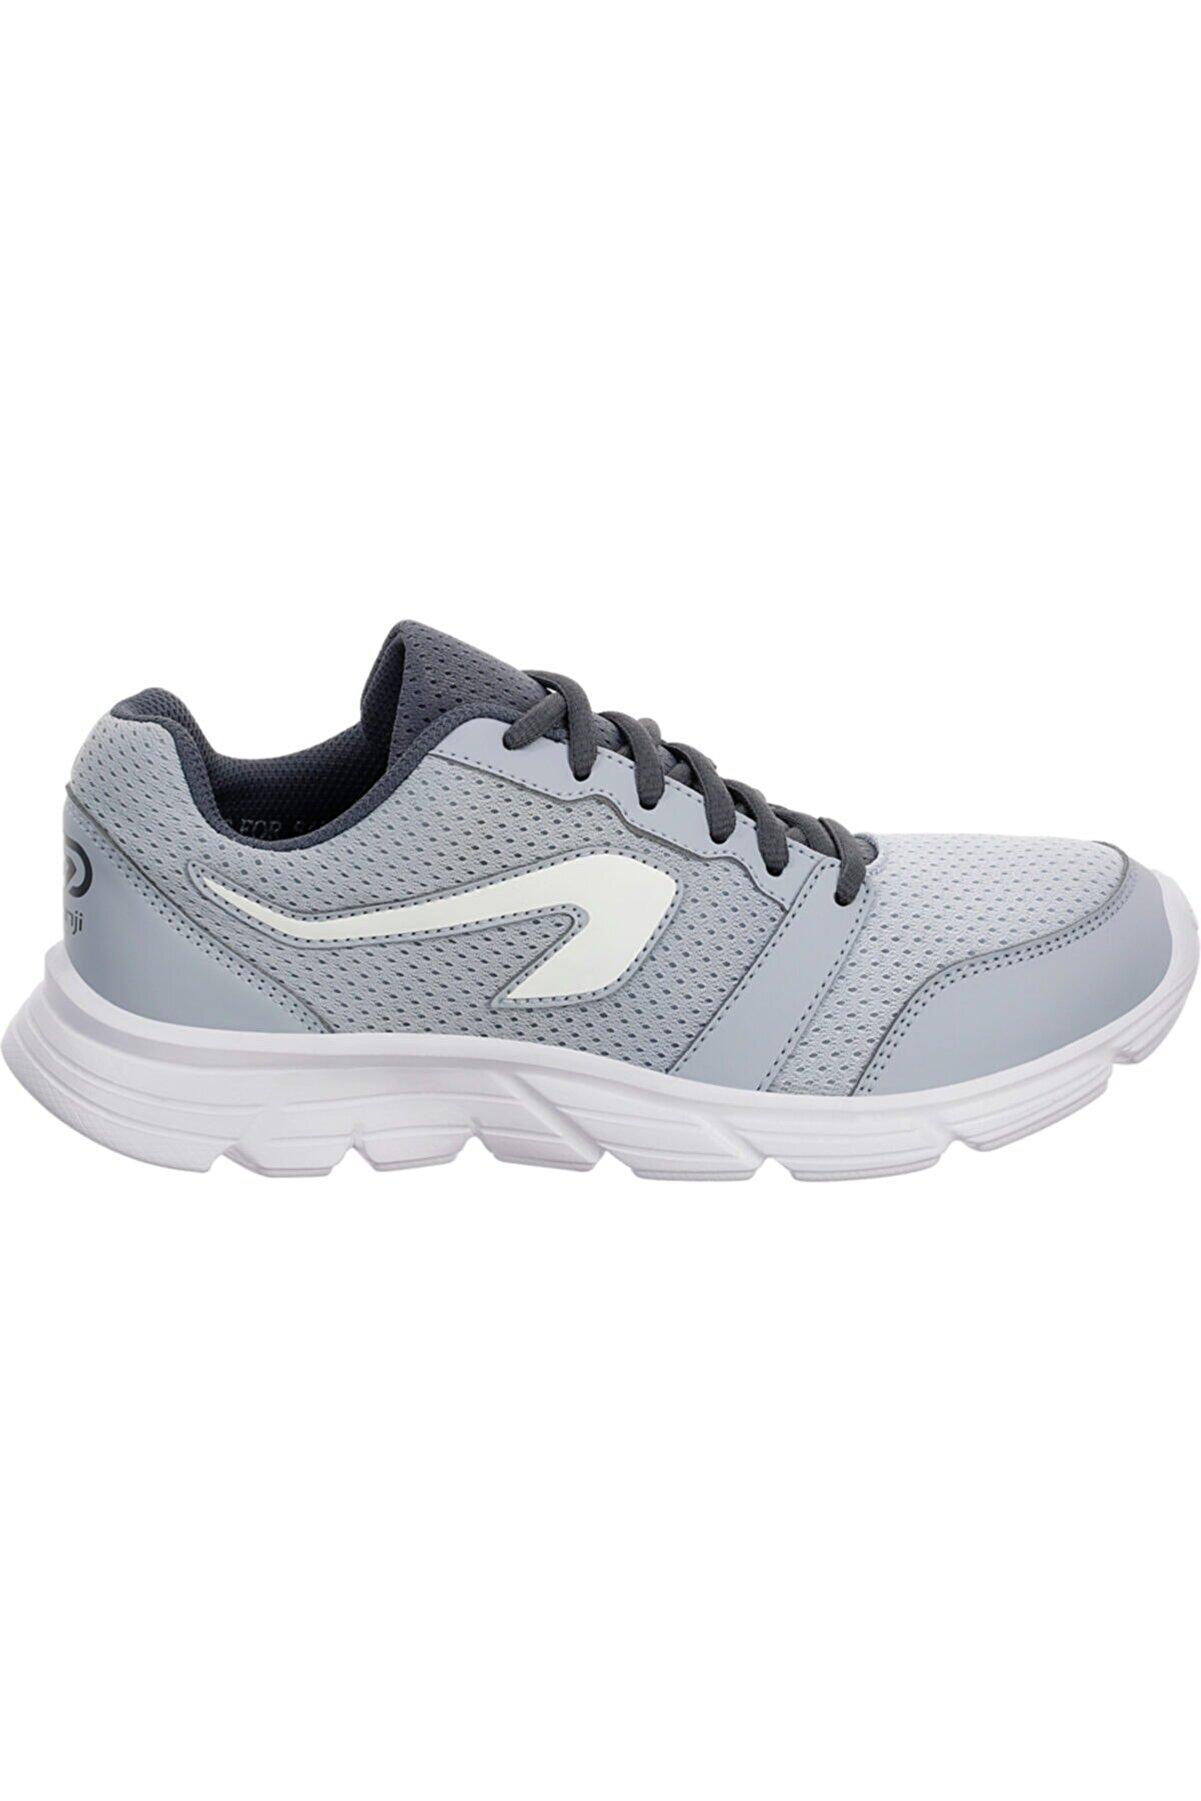 KALENJI BY DECATHLON Kadın Gri Koşu Spor Ayakkabı Run 100